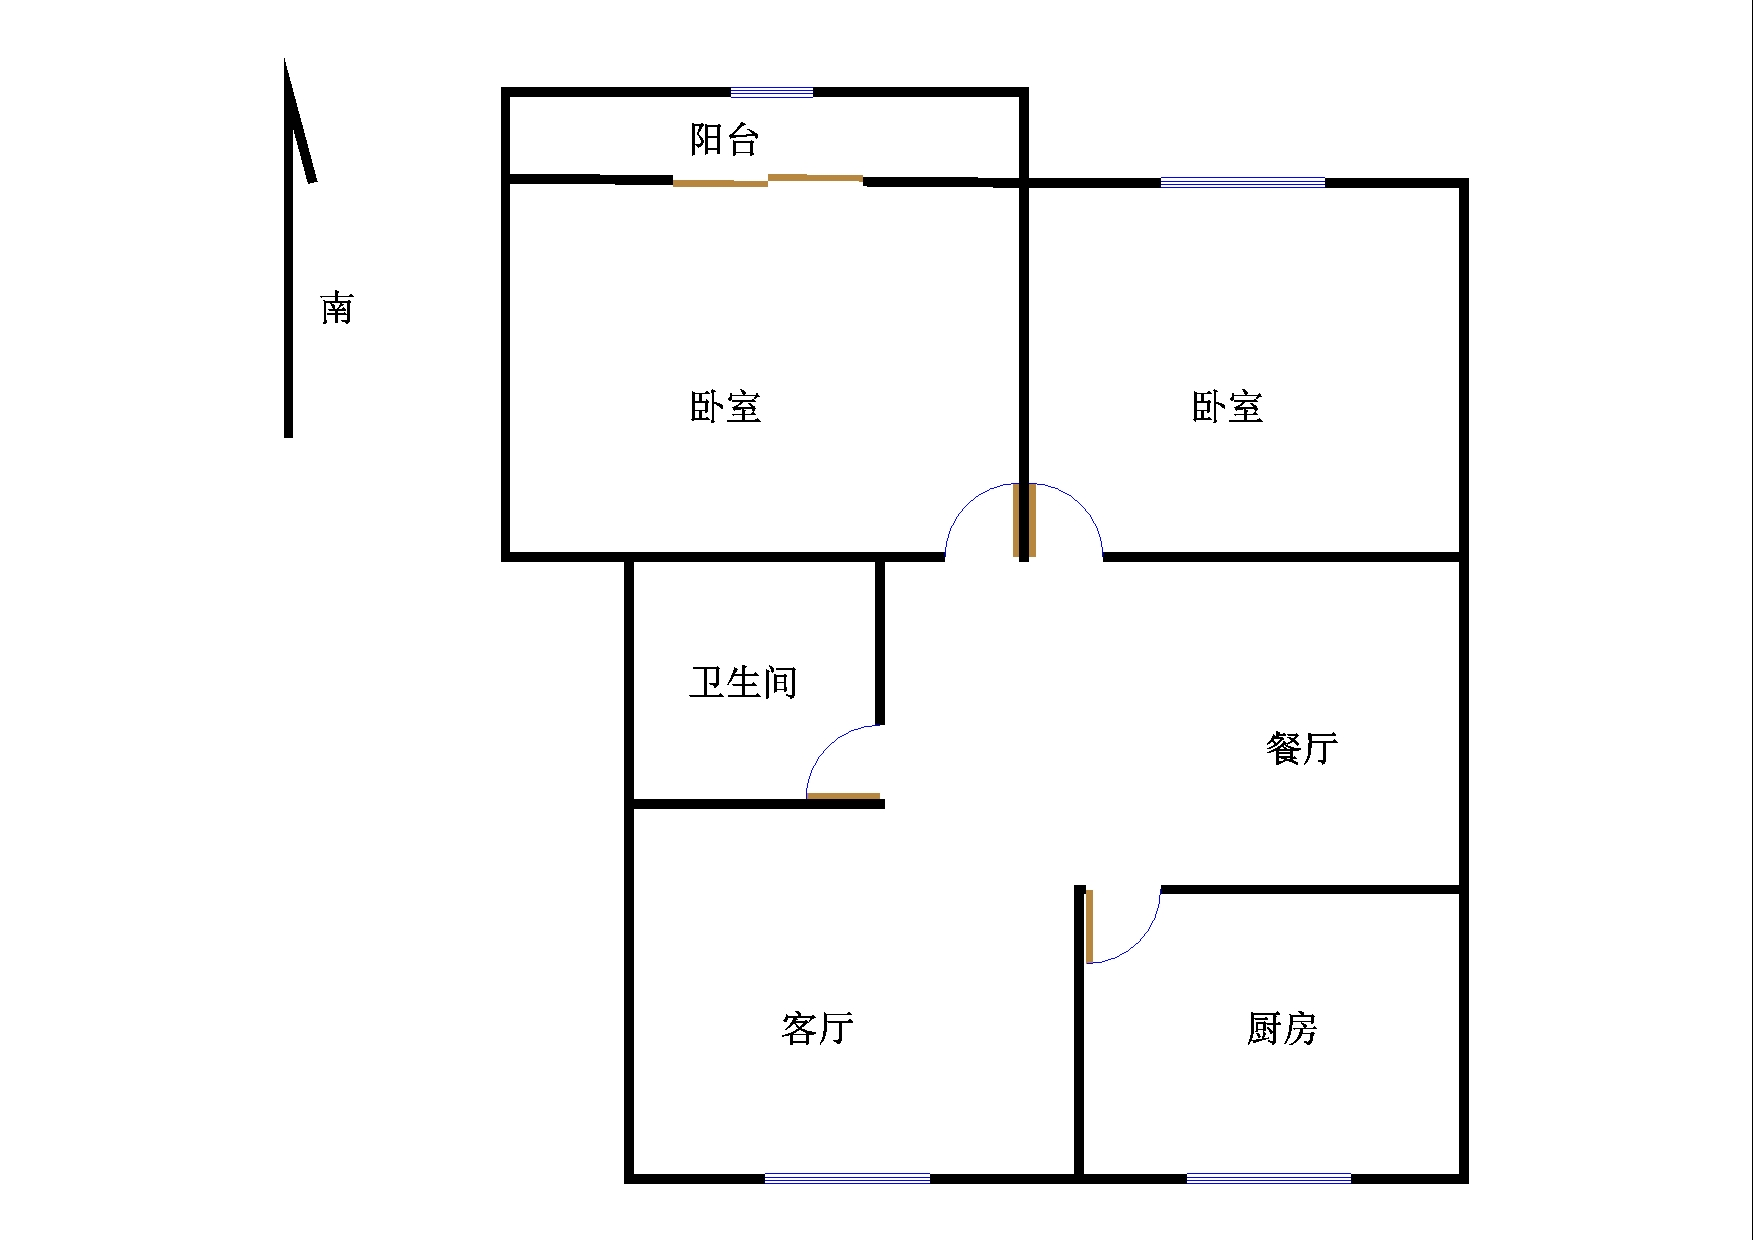 刘集社区 2室2厅  简装 33万